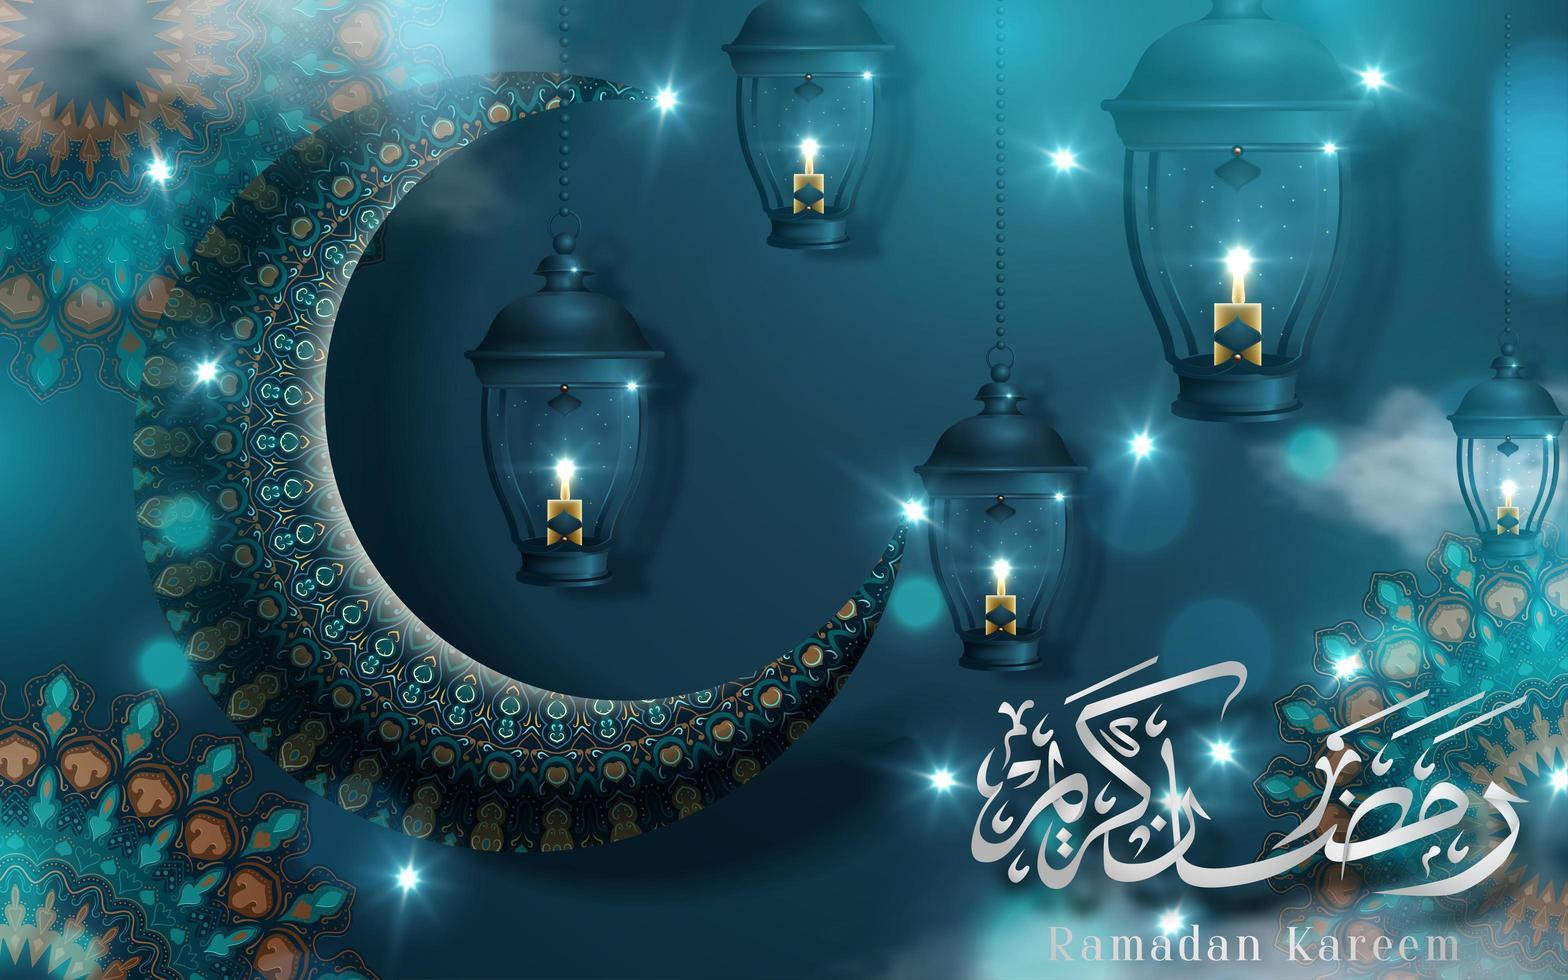 Ramadan Kareem turquesa saudação com lua e lanternas vetor